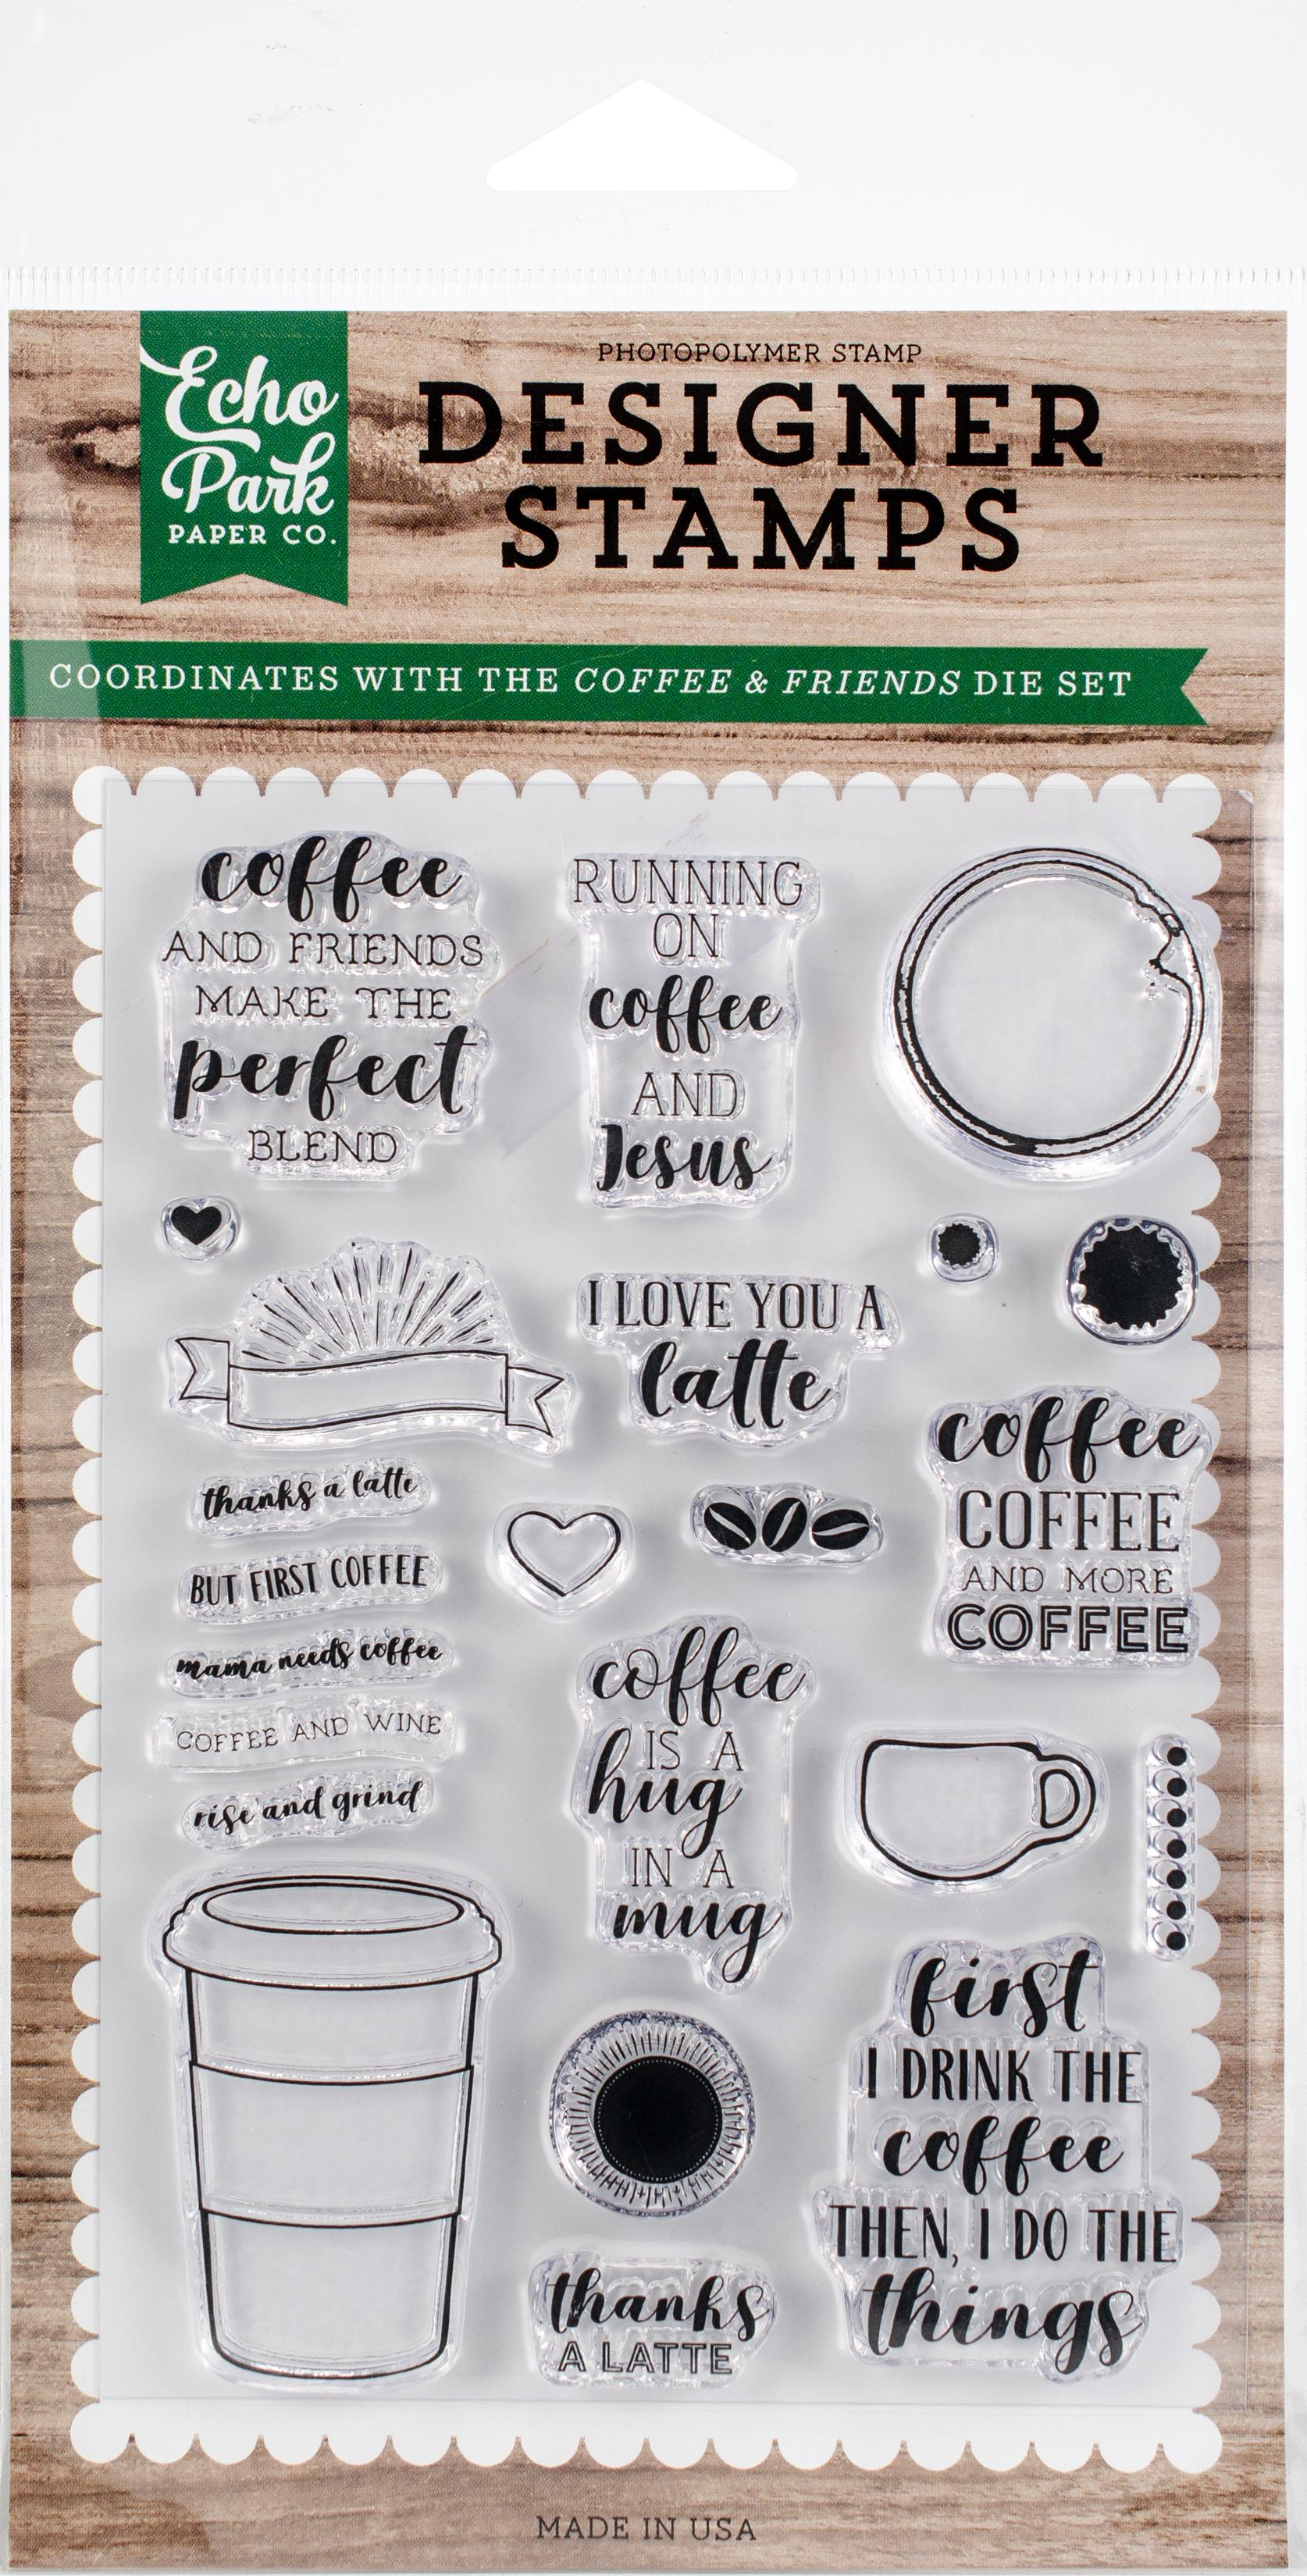 Echo Park - Designer Stamps Coffee & Friends (EPSTAMP167)